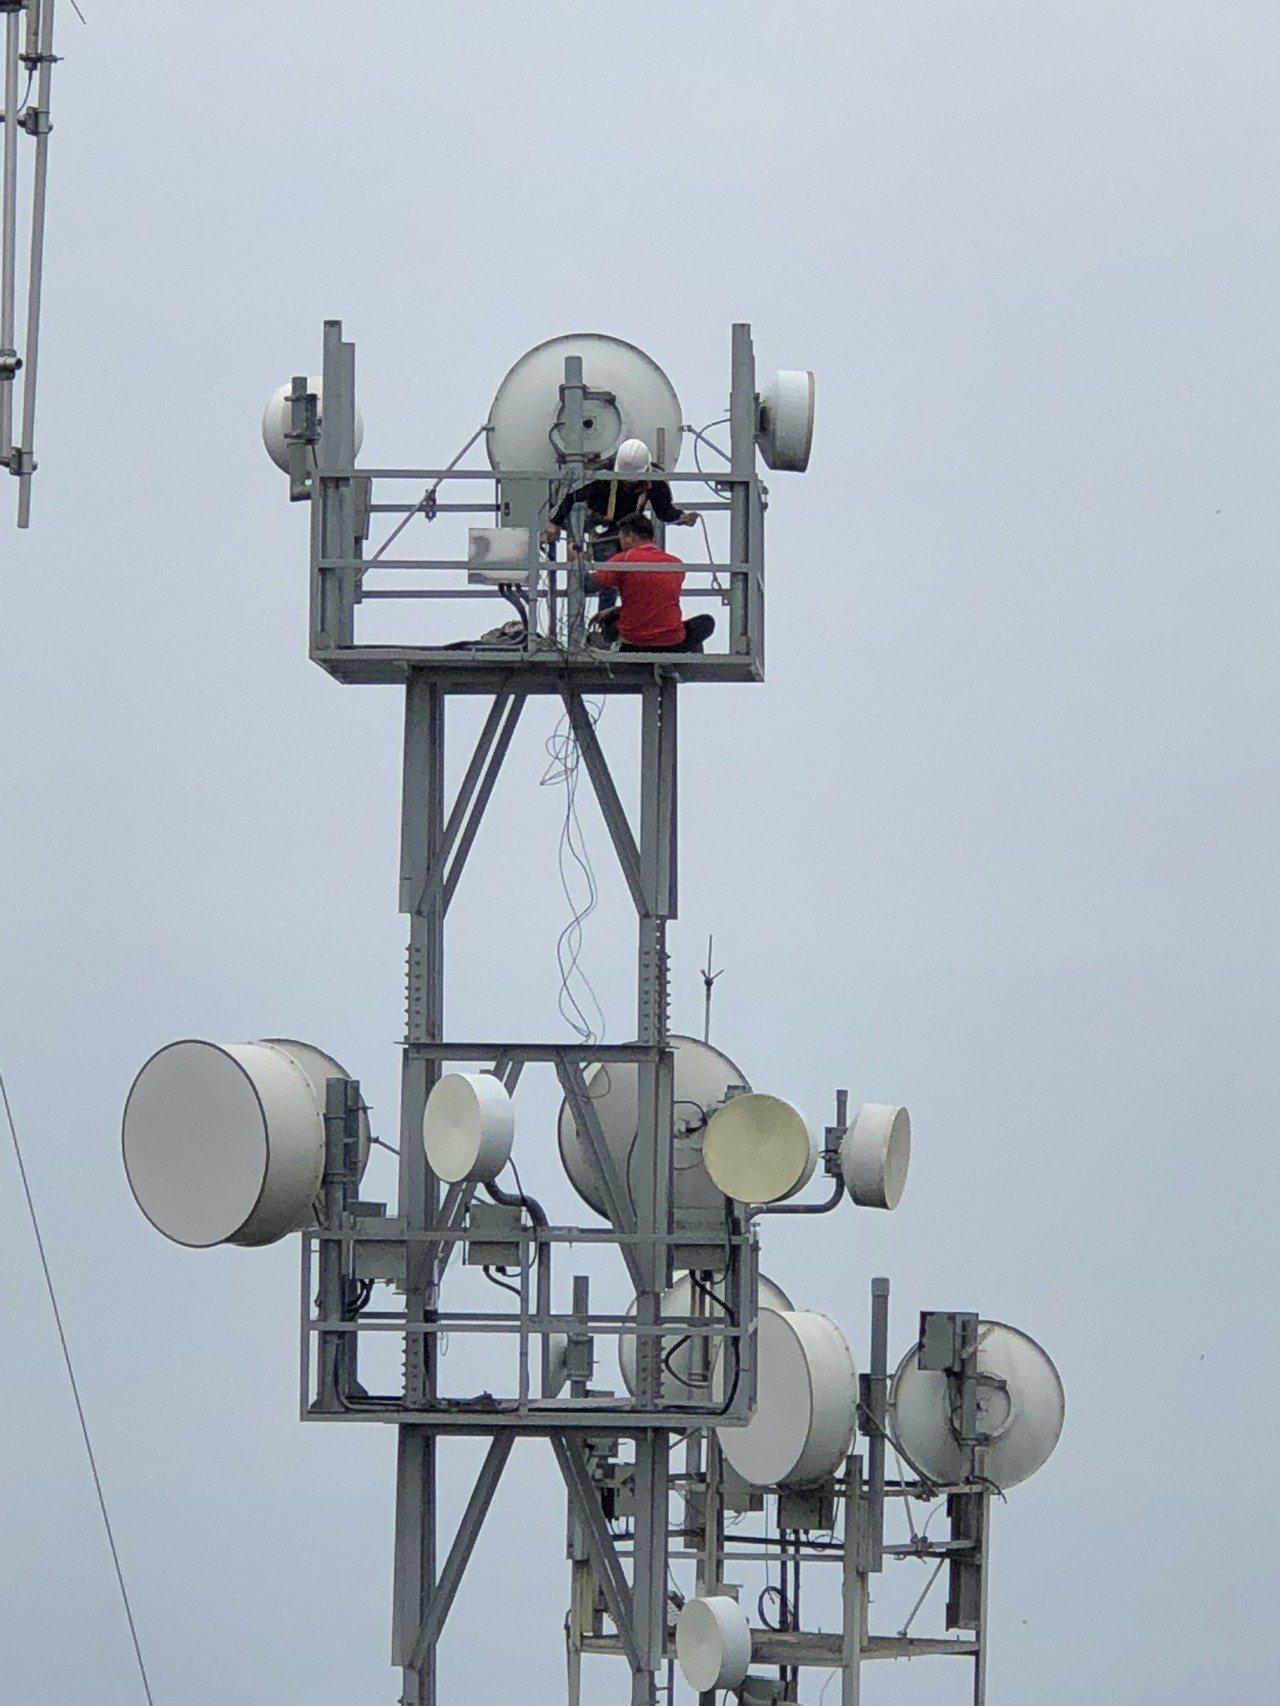 集集大山地勢挺拔是很好的訊號轉播地點,但山區落雷多,轉播設備容易故障,工作人員得...